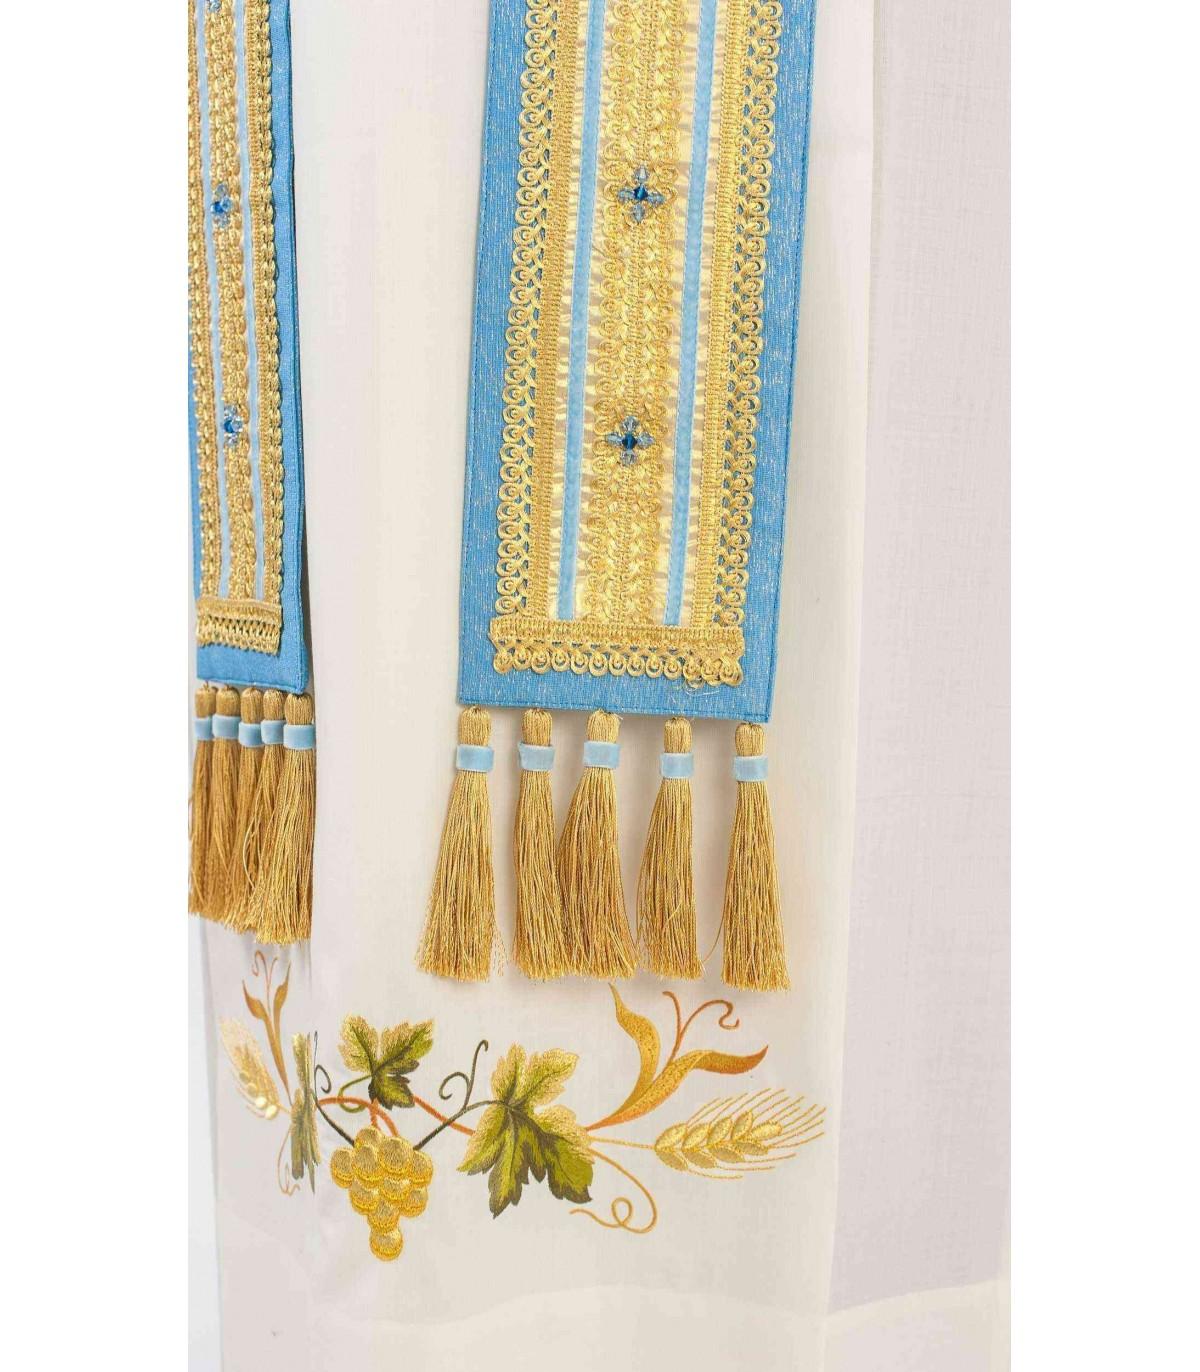 scegli l'autorizzazione massimo stile buona vendita Marian Stole with Gold Panels